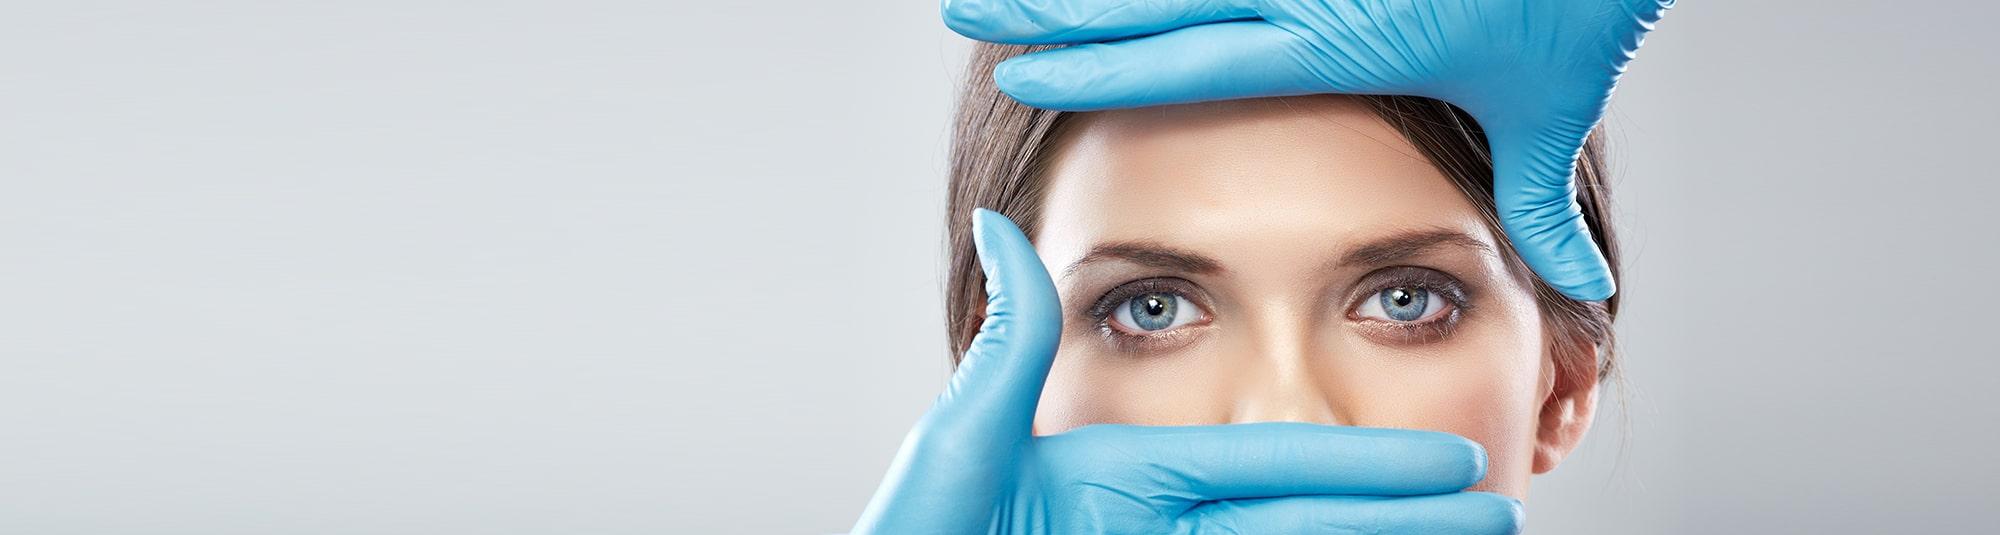 Chirurgie des paupières / blépharoplastie